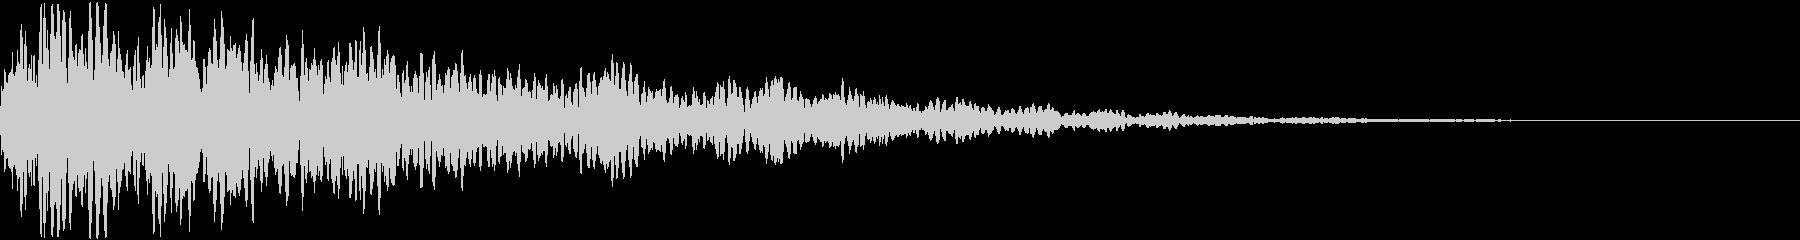 ズーン(選択肢から何かを決定する音)の未再生の波形